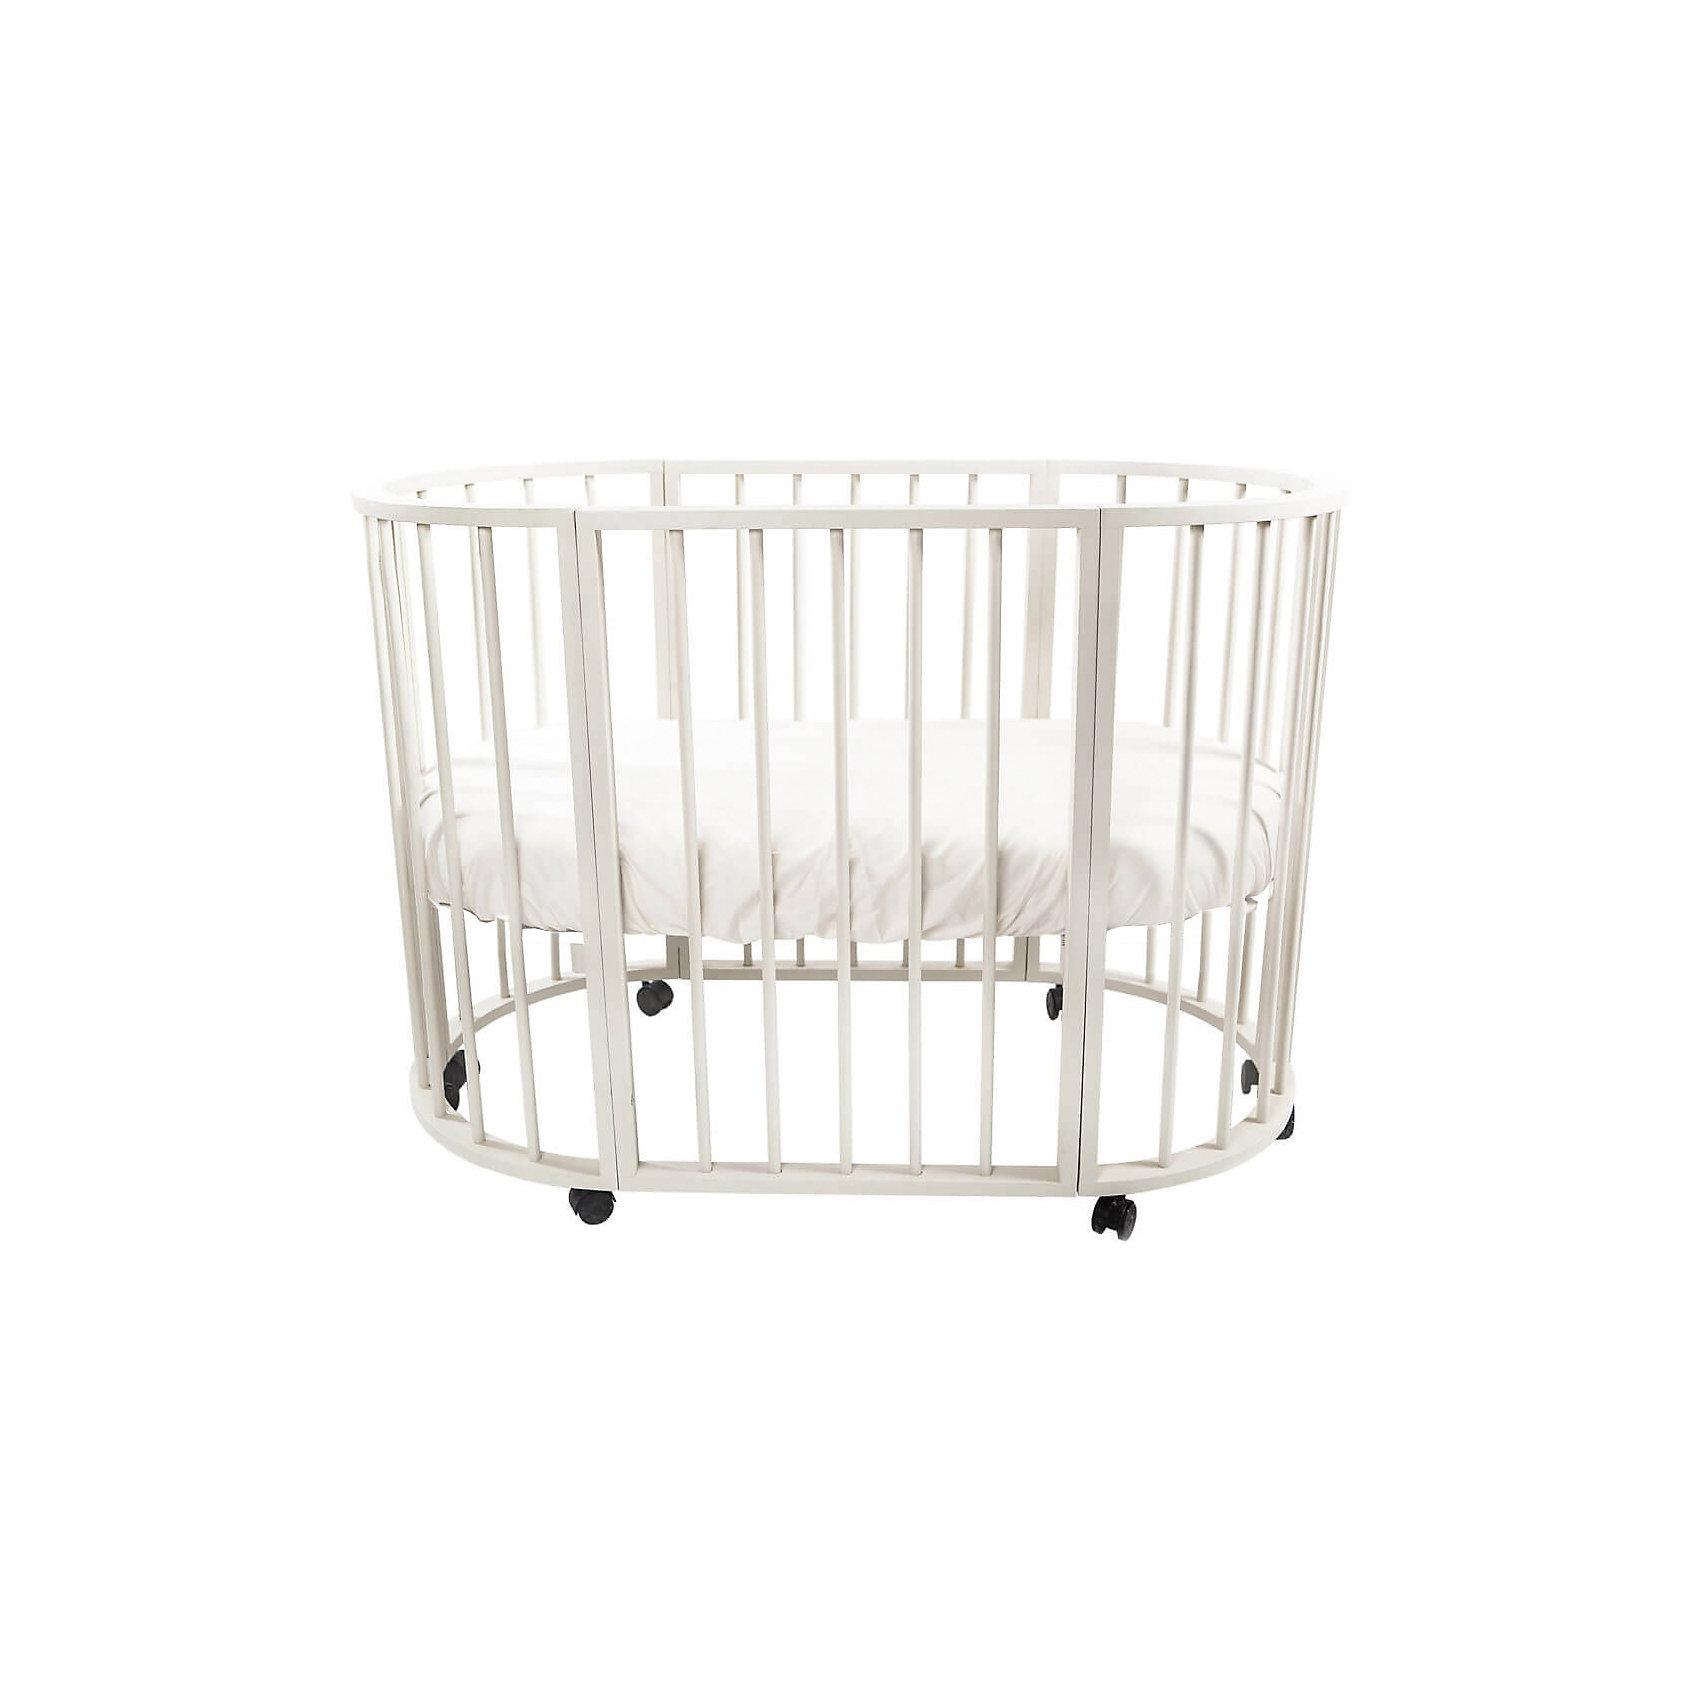 Кроватка-трансформер овальная Bianca 4 в 1, Valle, слоновая кость  маленькая тумбочка с ящиками